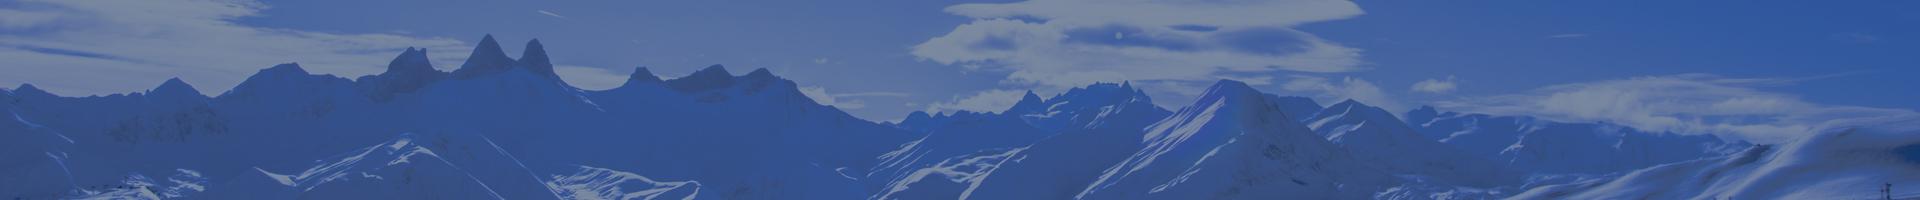 bandeau-newsletter-hiver-bleu-fonce-948